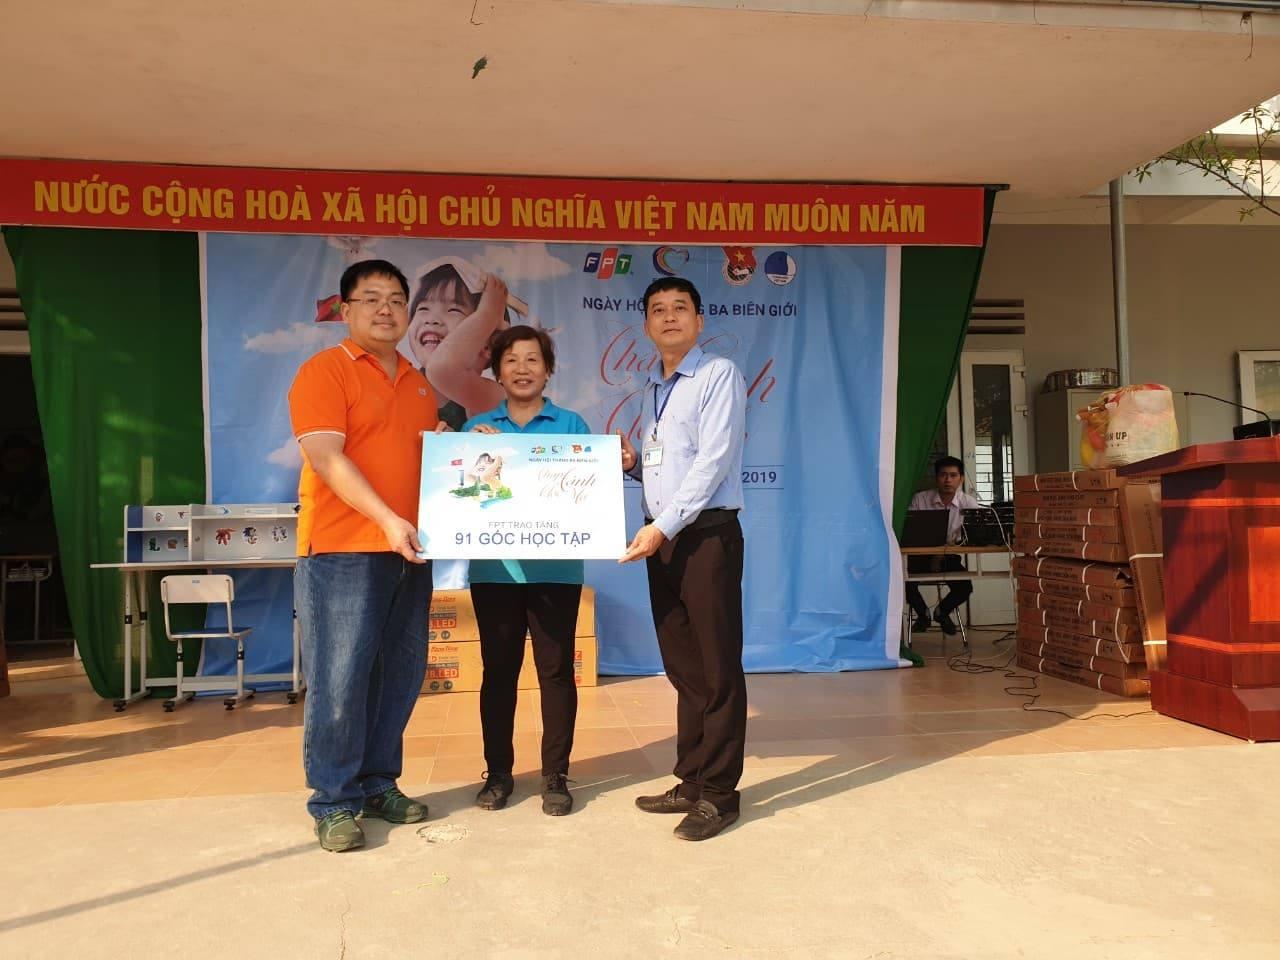 Chị Trương Thanh Thanh và anh Hoàng Nam Tiến đã trao tặng nhà trường 91 góc học tập cho các em học sinh.